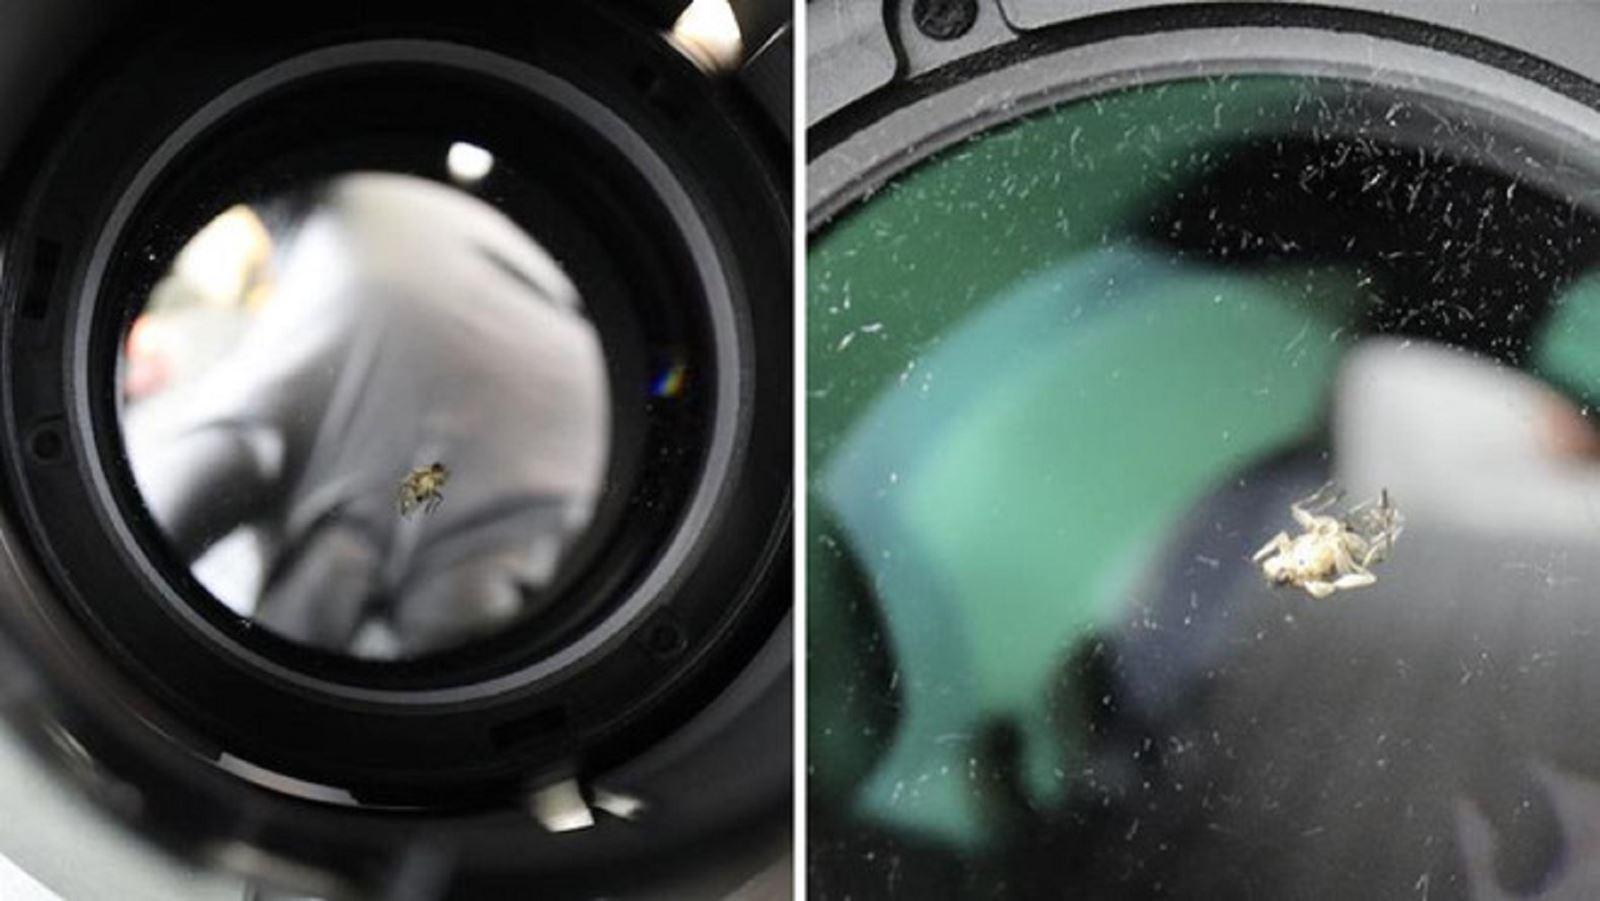 Con ruồi chui vào ống kính camera 40 triệugây nhức đầu chuyên gia